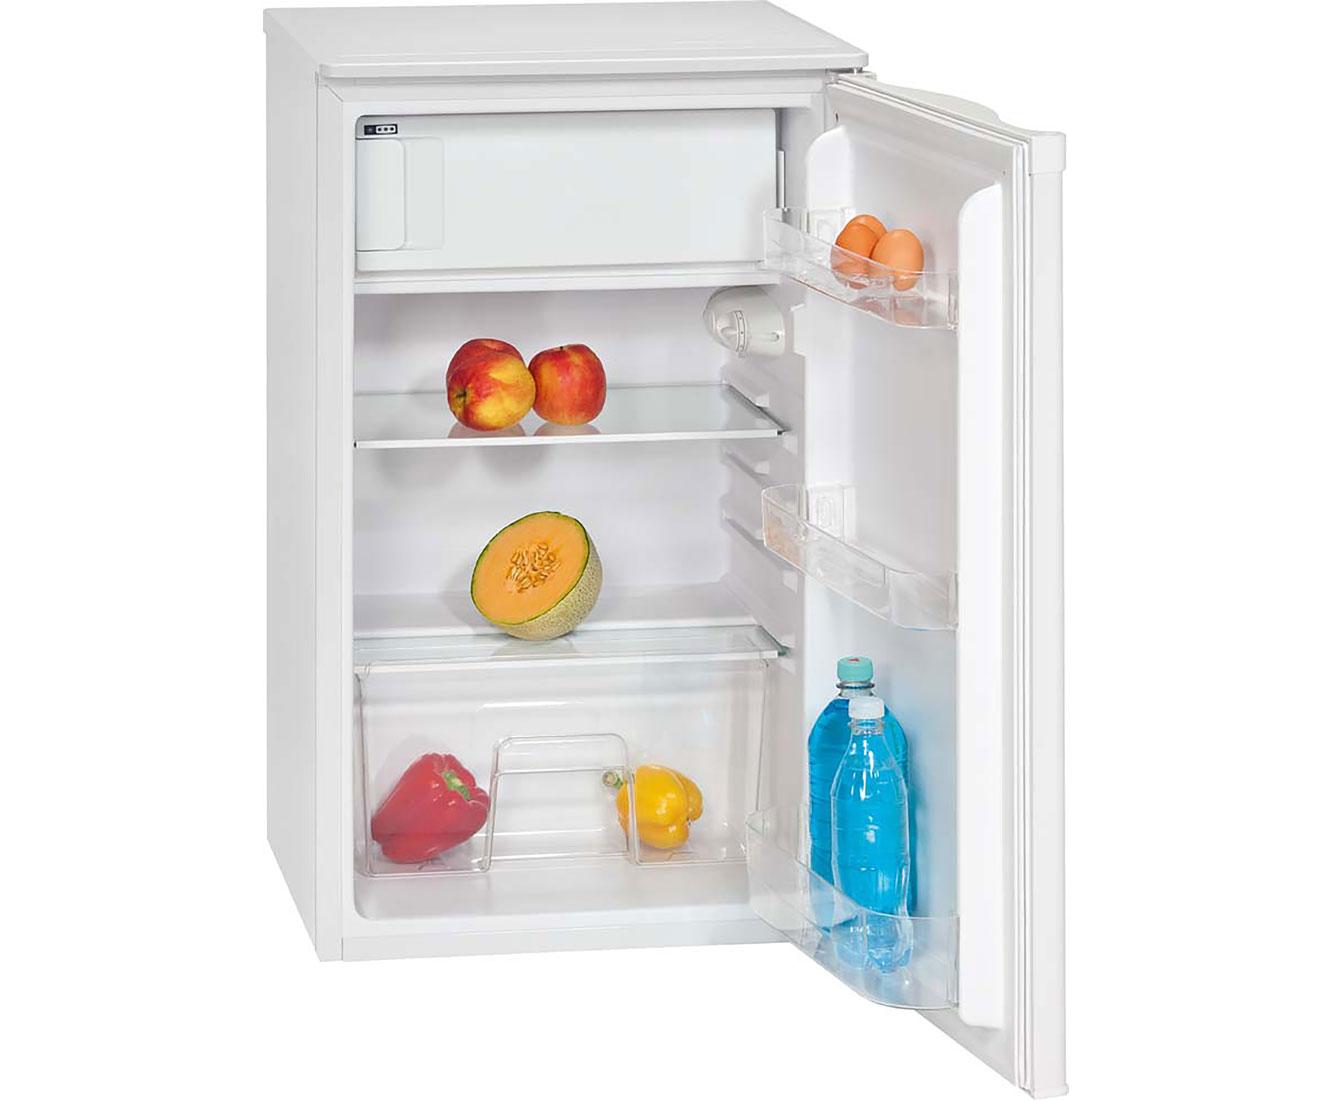 Bomann Kühlschrank Thermostat : Bomann ks kühlschrank freistehend cm weiss neu ebay